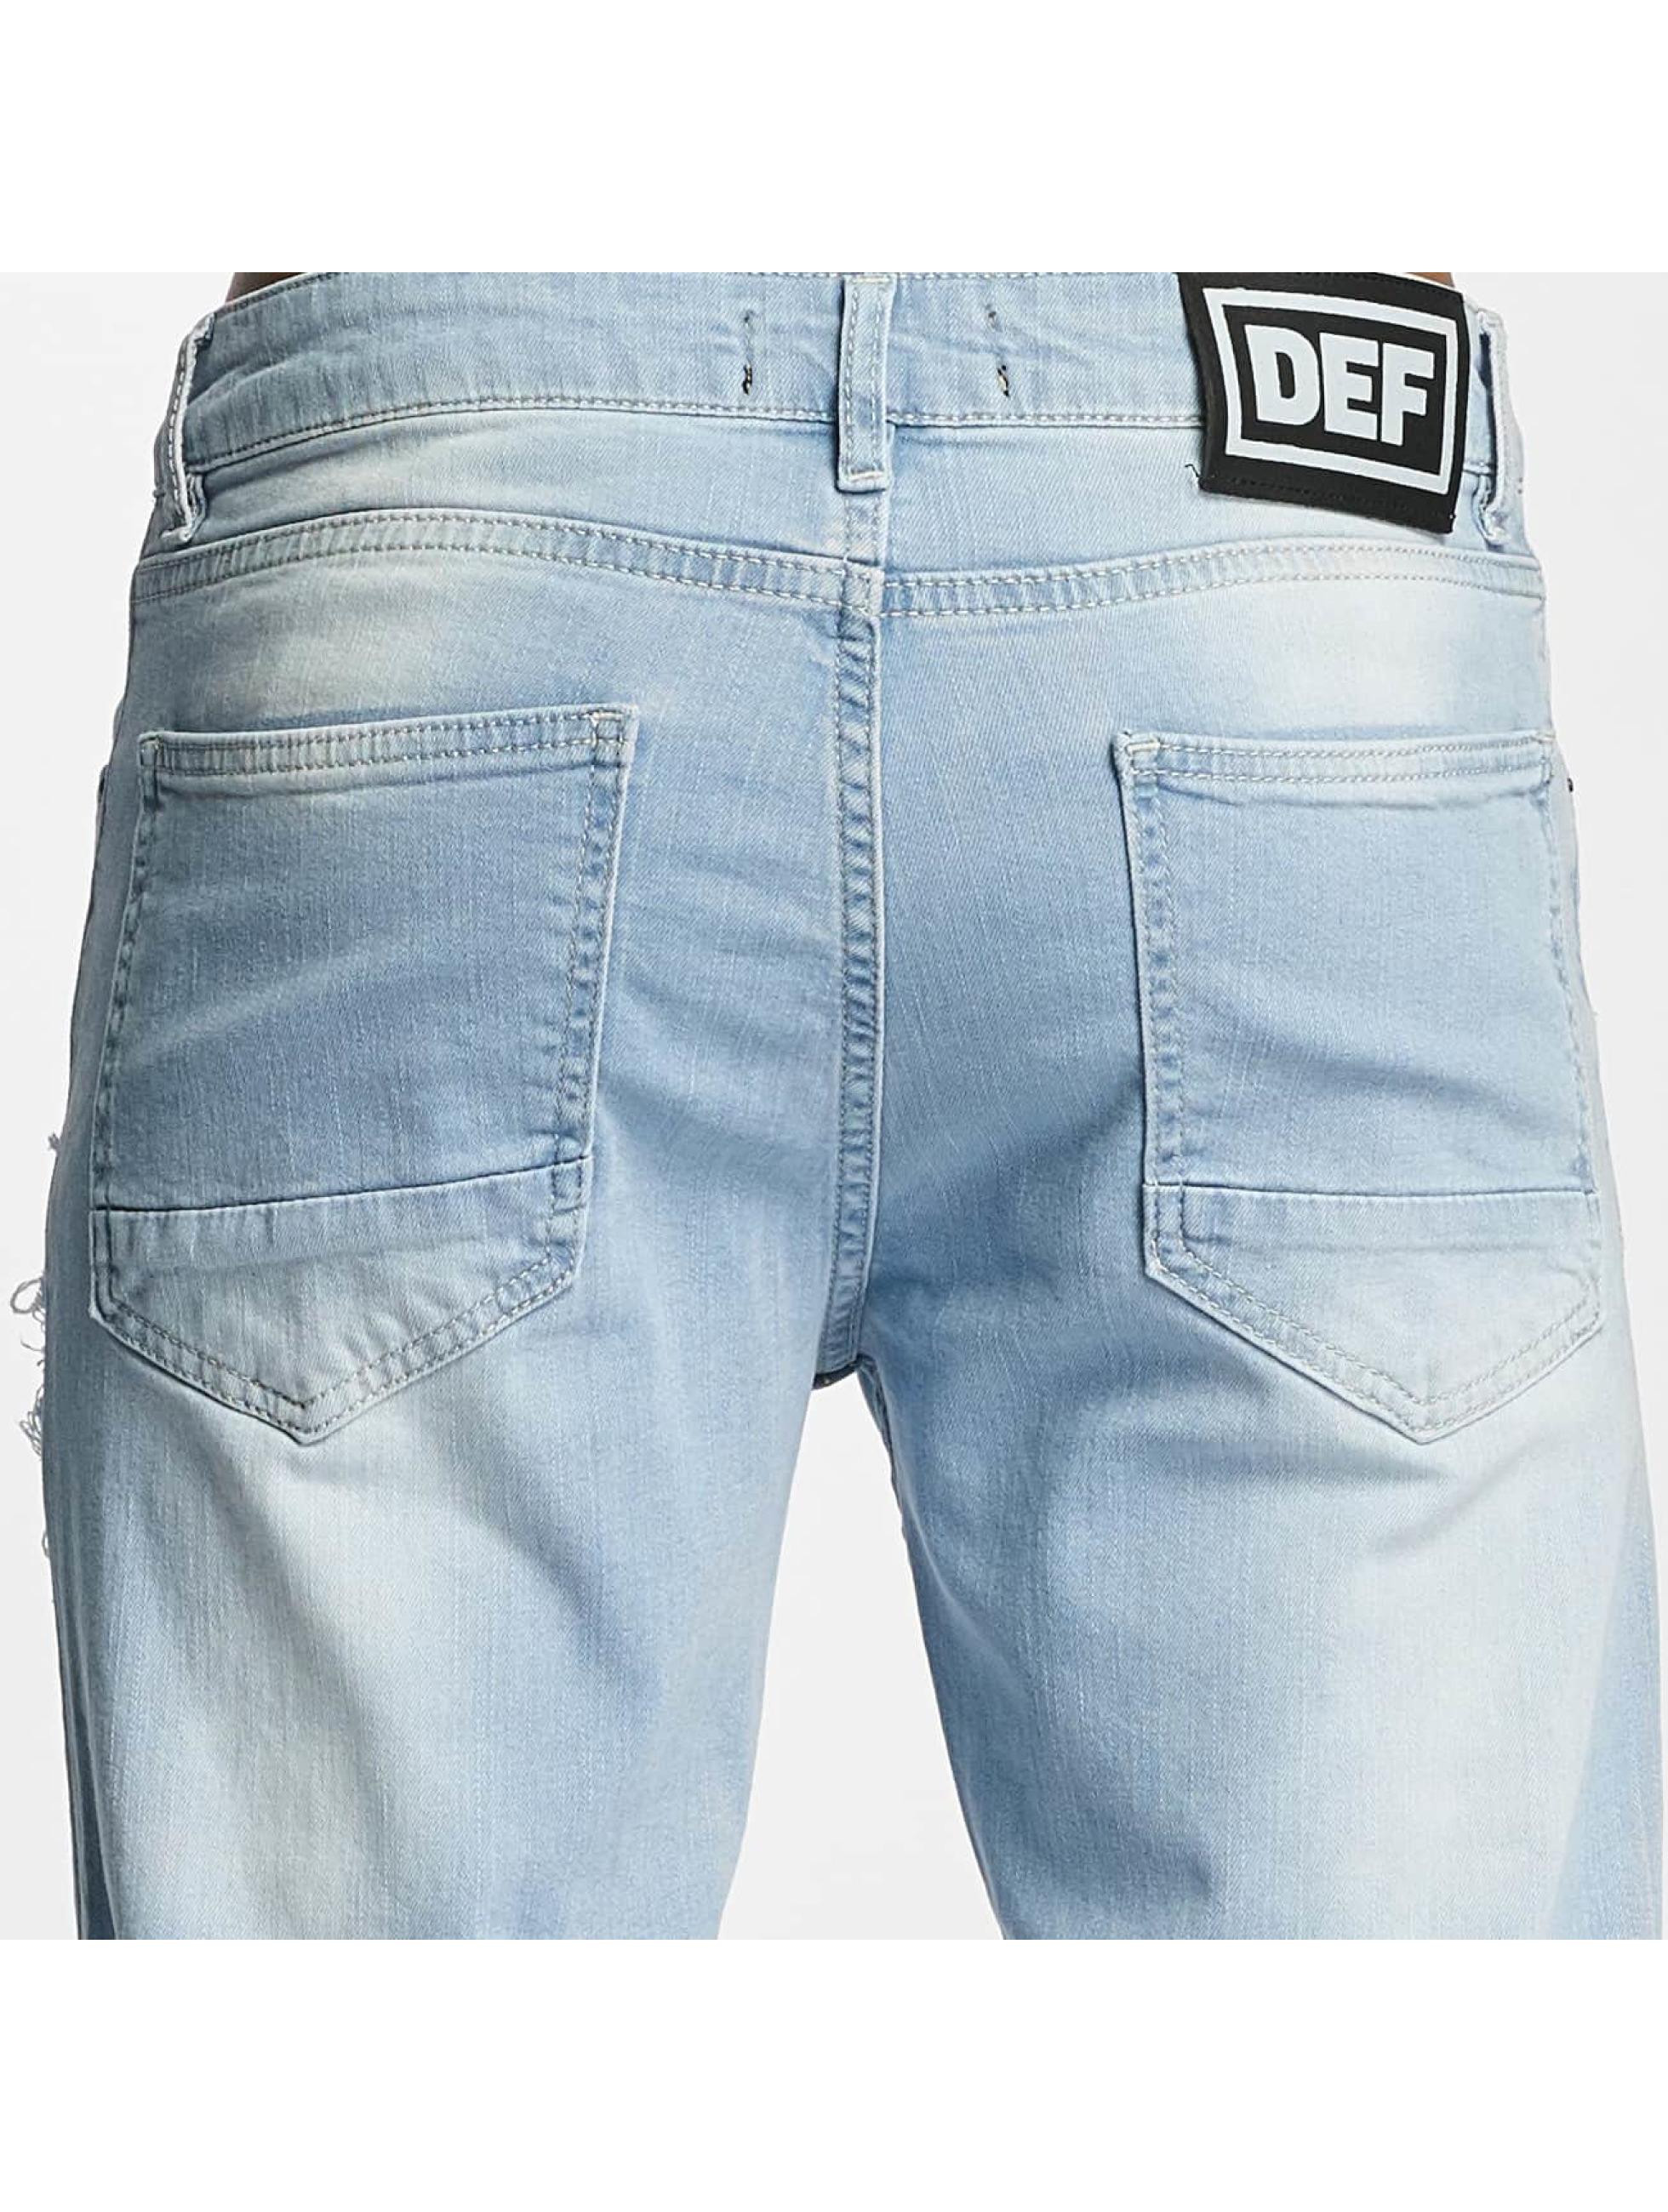 DEF Antifit Used blue